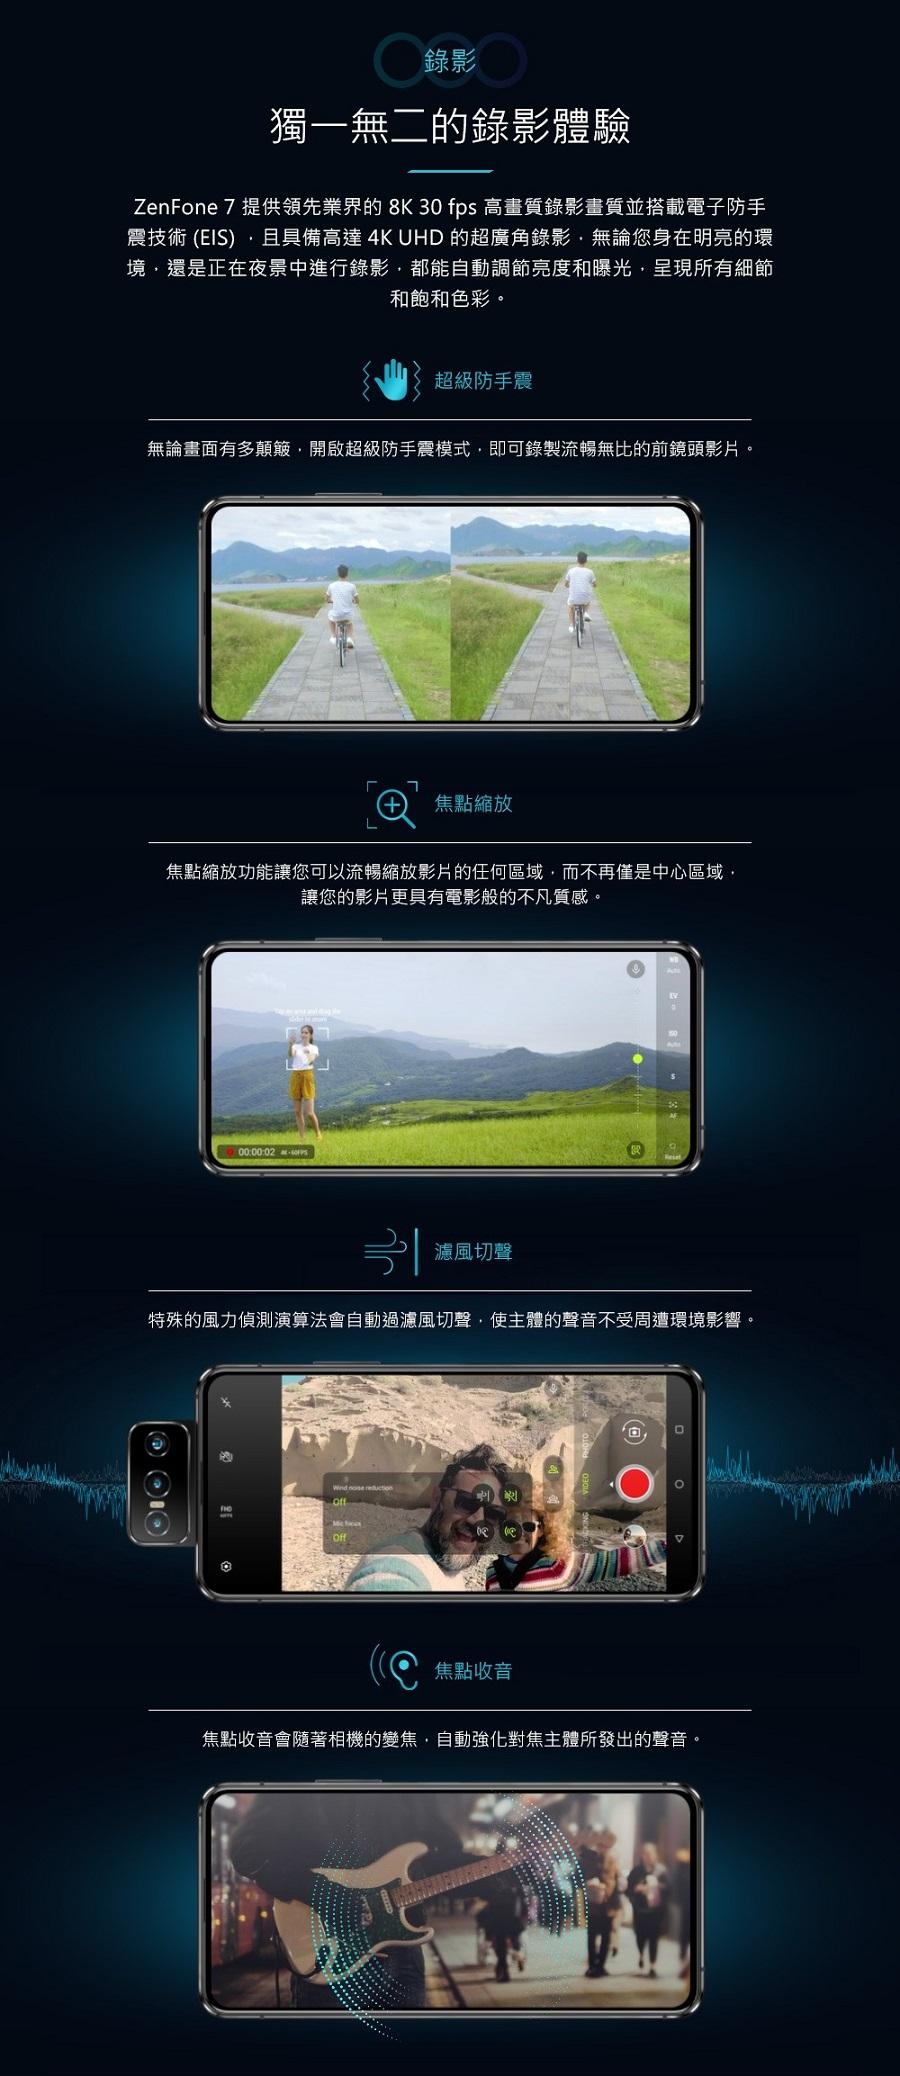 ZenFone 7 提供領先業界的 8K 30 fps 高畫質錄影畫質並搭載電子防手震技術 (EIS) ,且具備高達 4K UHD 的超廣角錄影,無論您身在明亮的環境,還是正在夜景中進行錄影,都能自動調節亮度和曝光,呈現所有細節和飽和色彩。